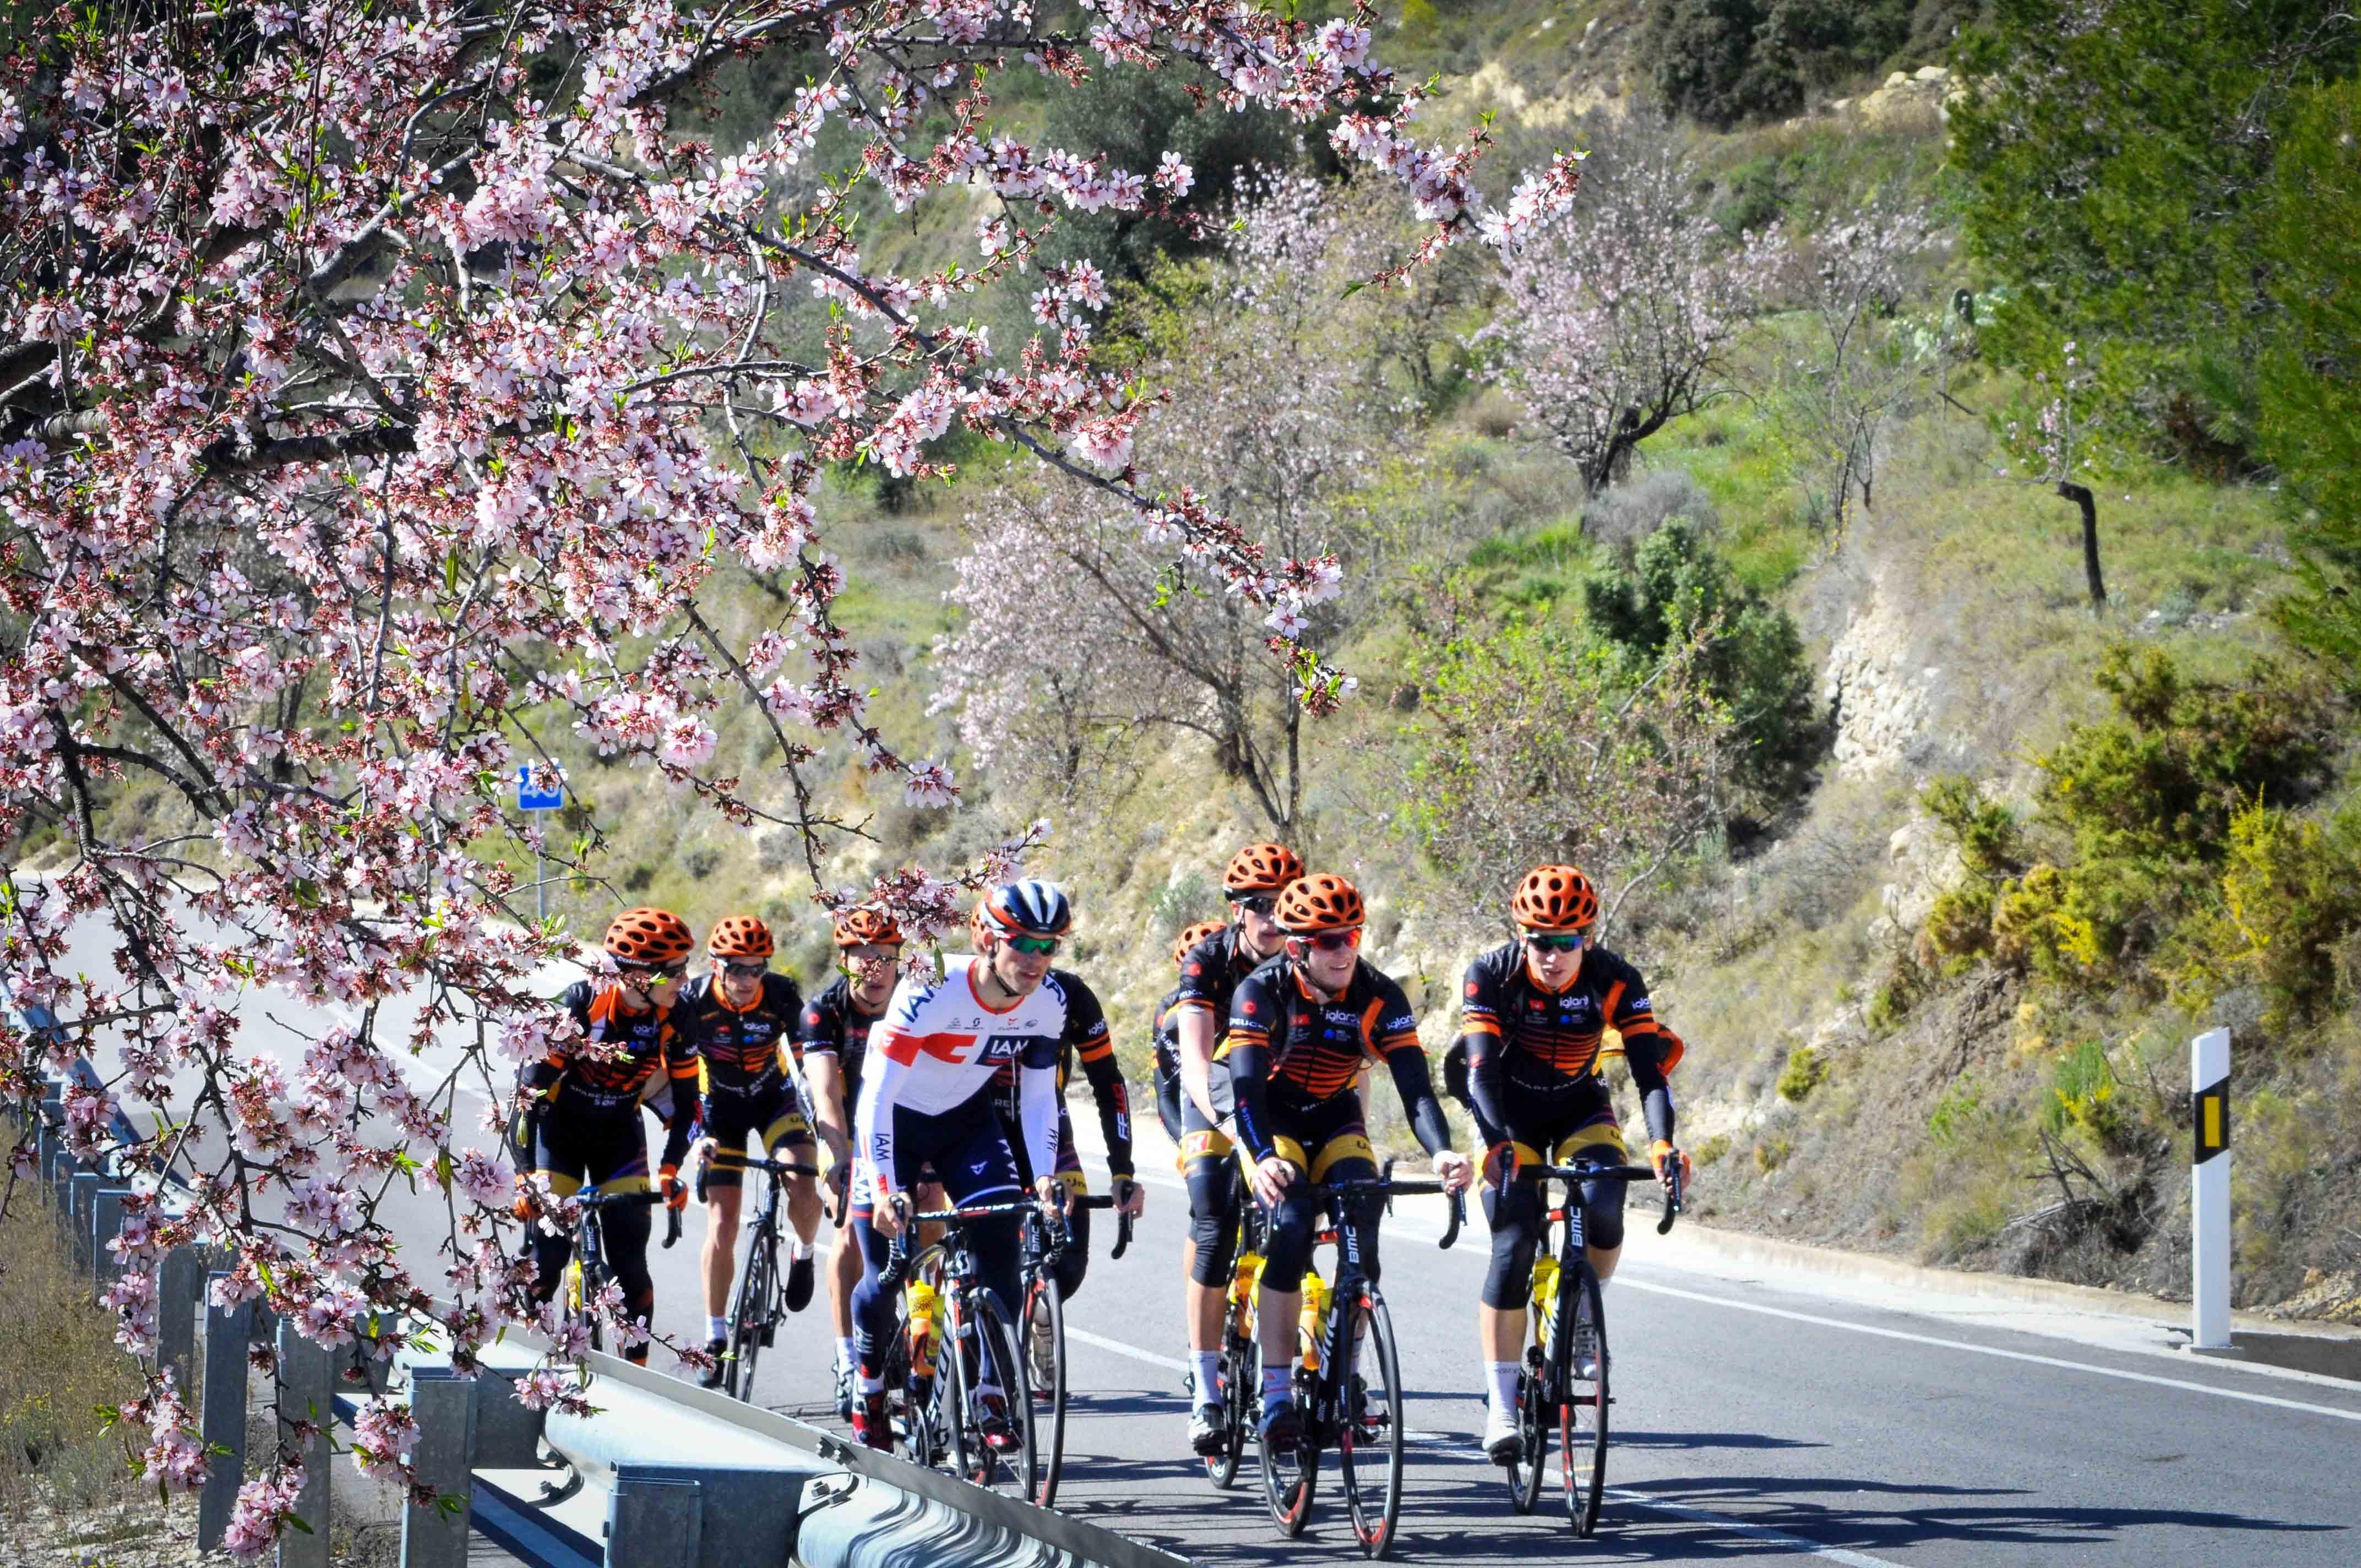 På trening: God stemning både på og av sykkelen med denne gjengen. Her under mandeltrær i blomstring. (Foto: Tore Sæther / Team Sparebanken Sør)